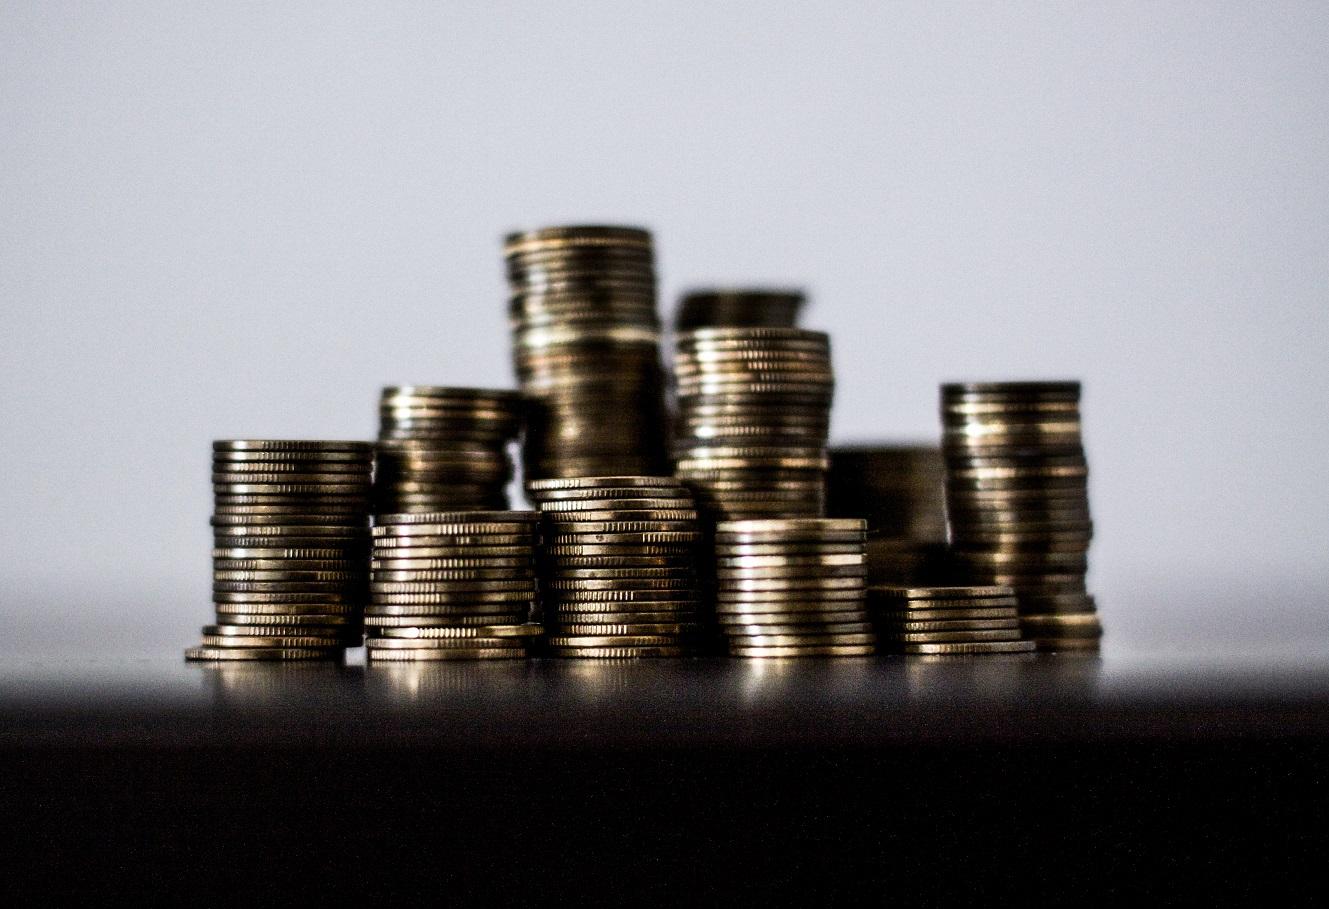 monedas apiladas doradas